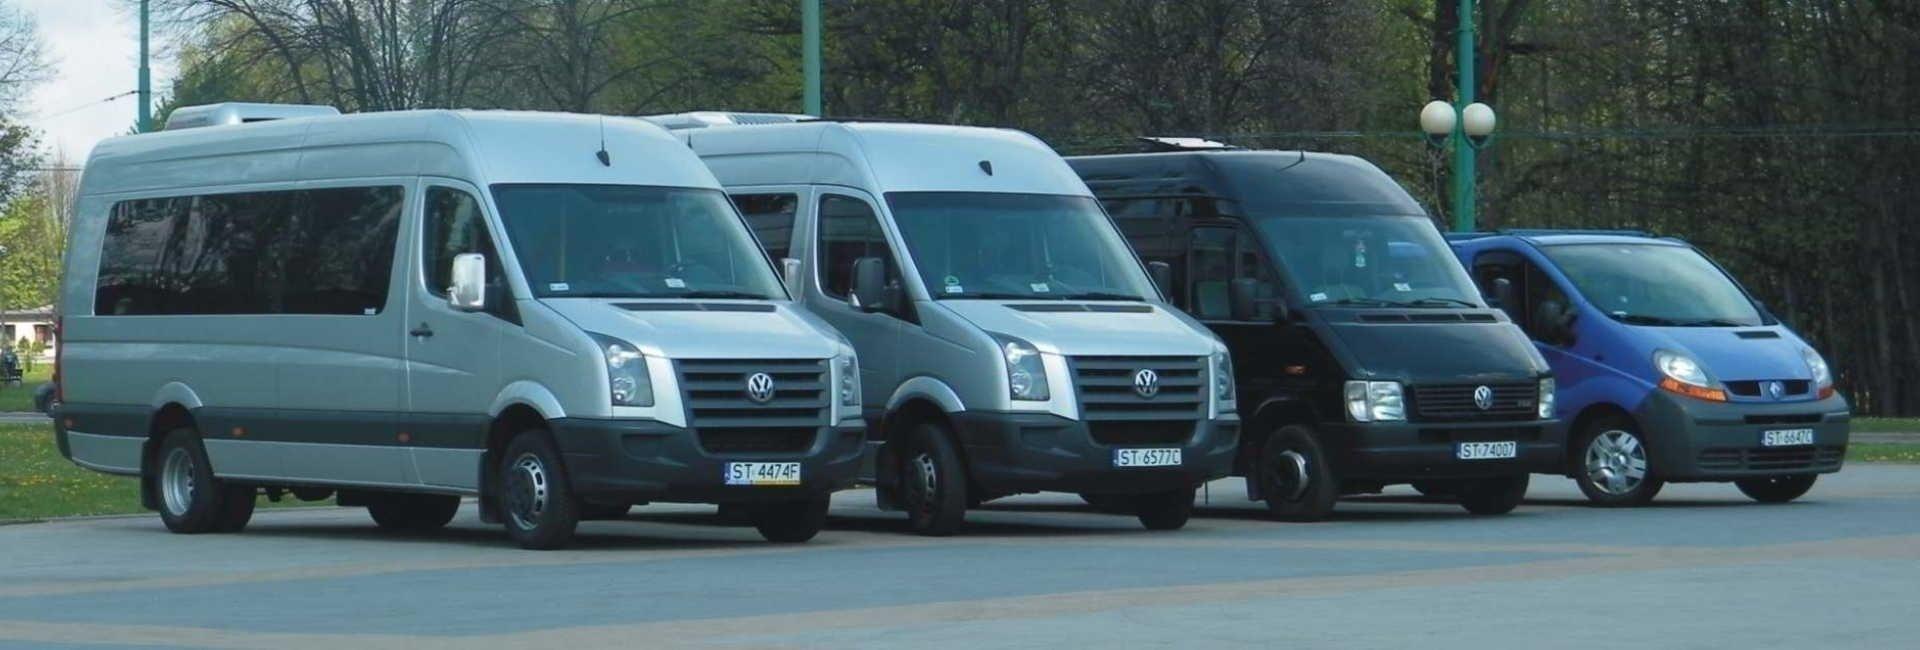 Busy Tychy, wynajem busów, przewóz osób, Gości weselnych